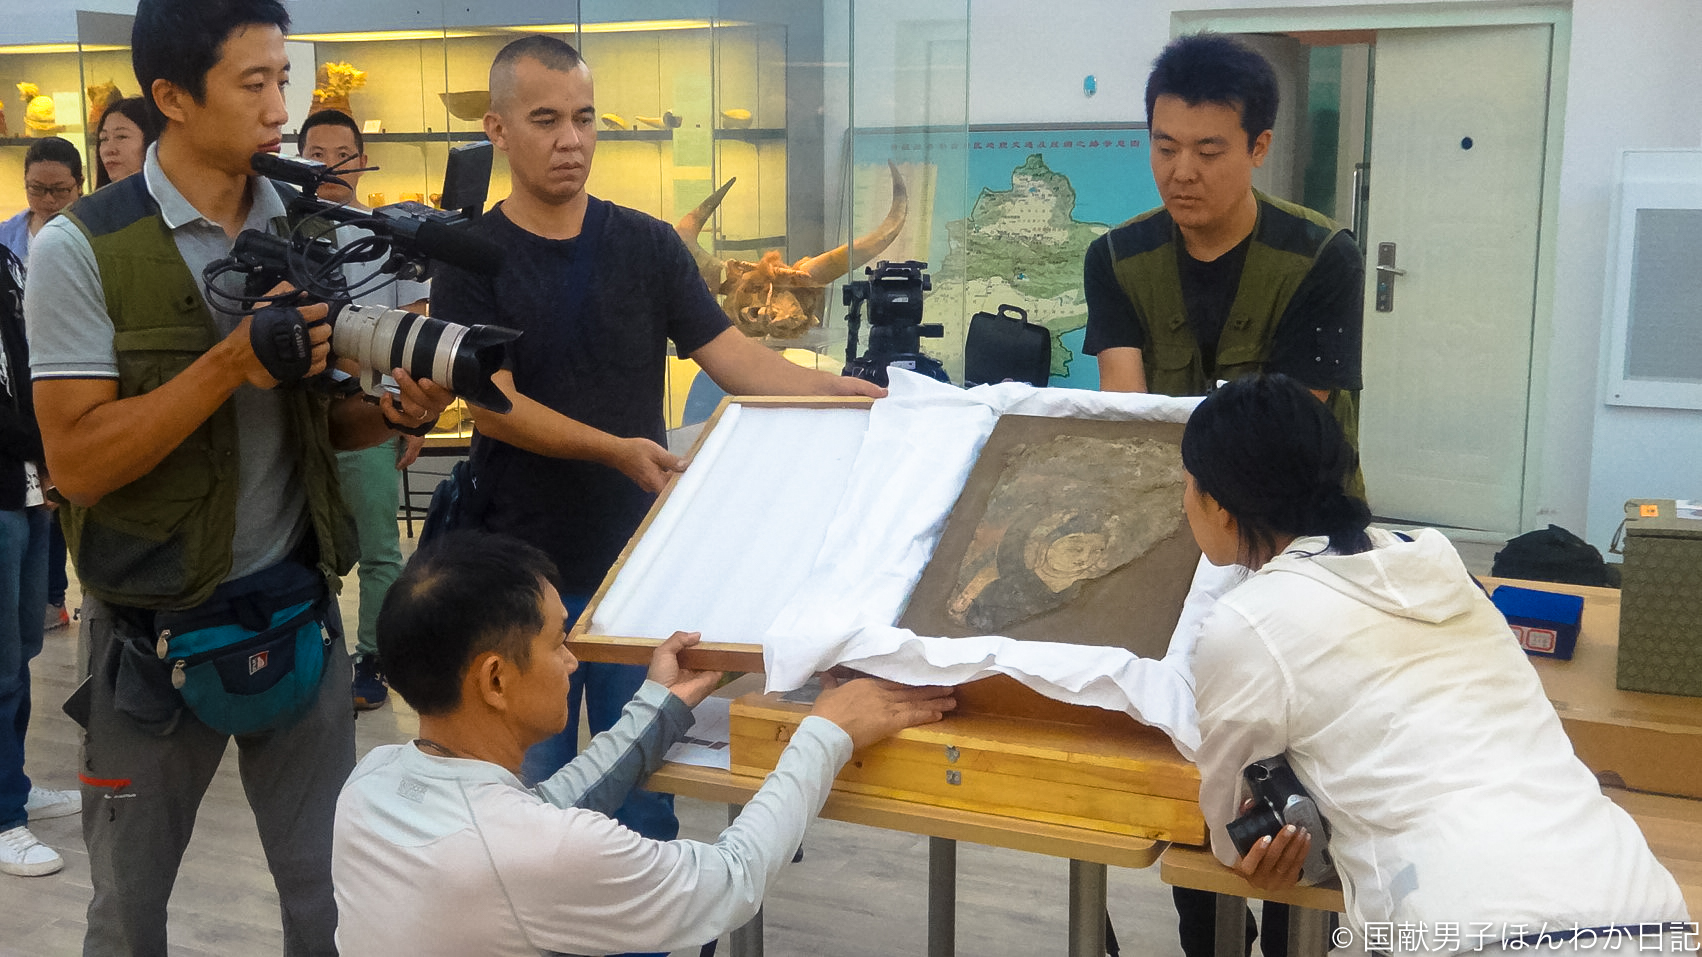 日中共同隊がダンダンウイリクで発掘した「西域のモナリザ」を撮影する一行(撮影:筆者)